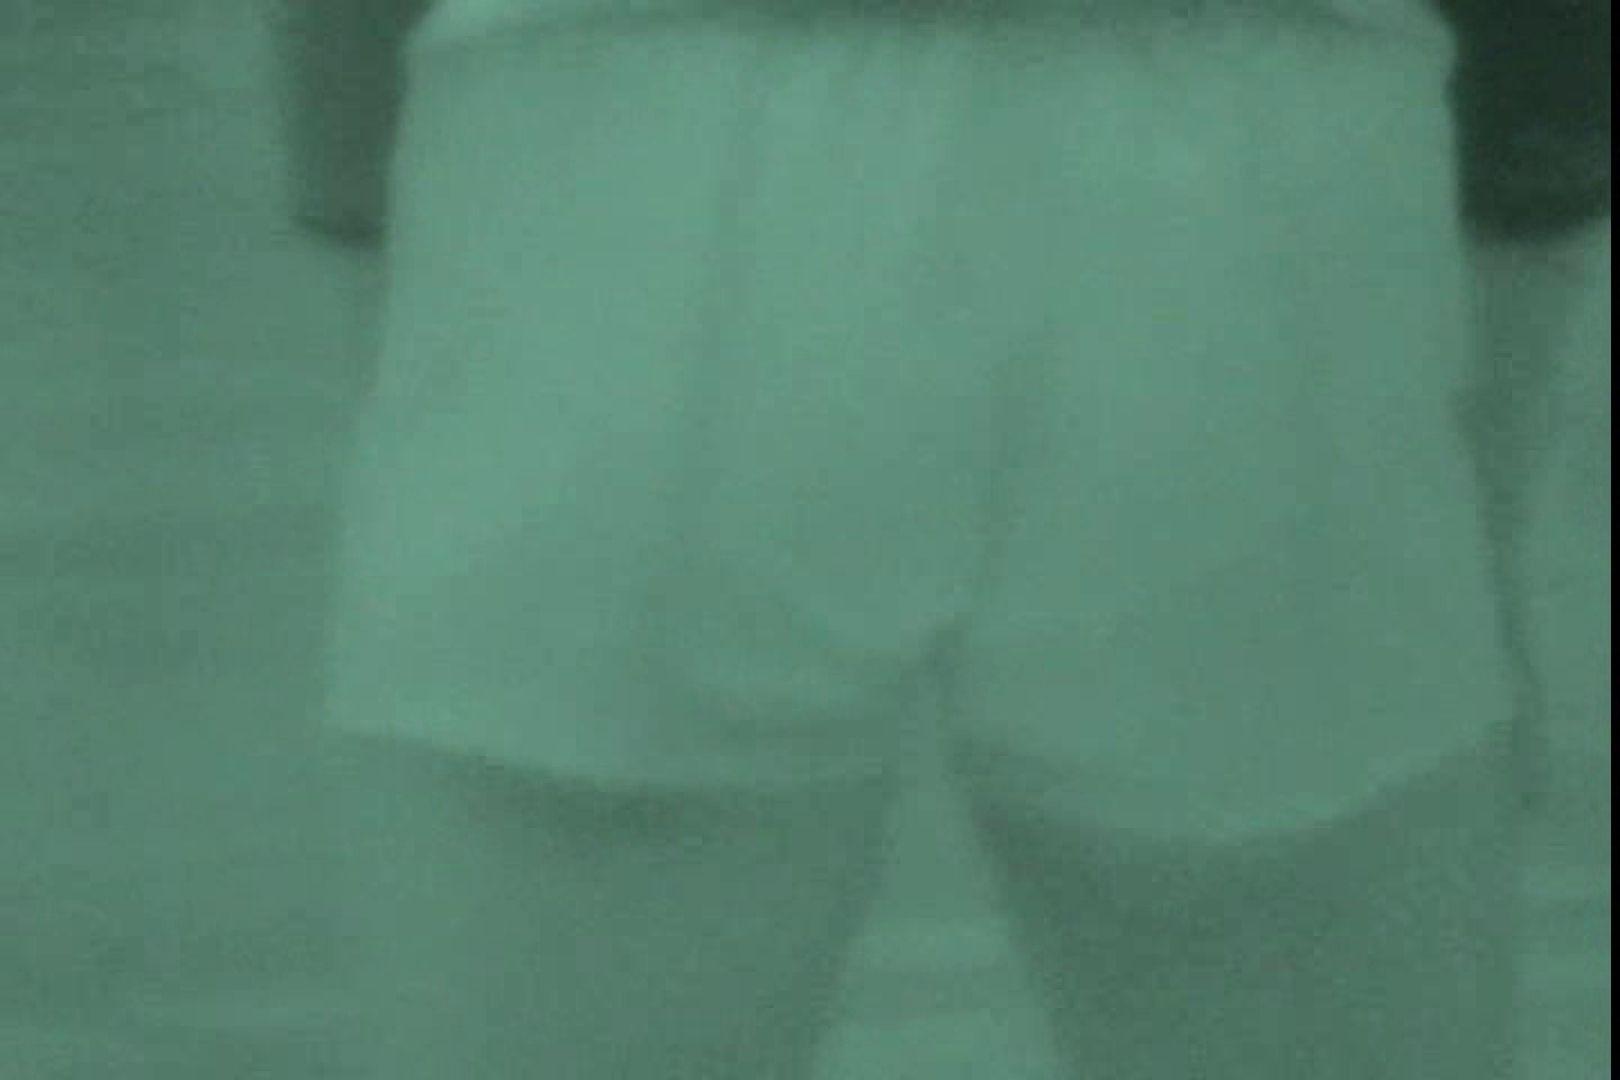 赤外線ムレスケバレー(汗) vol.14 OLのエロ生活 オマンコ動画キャプチャ 82連発 68